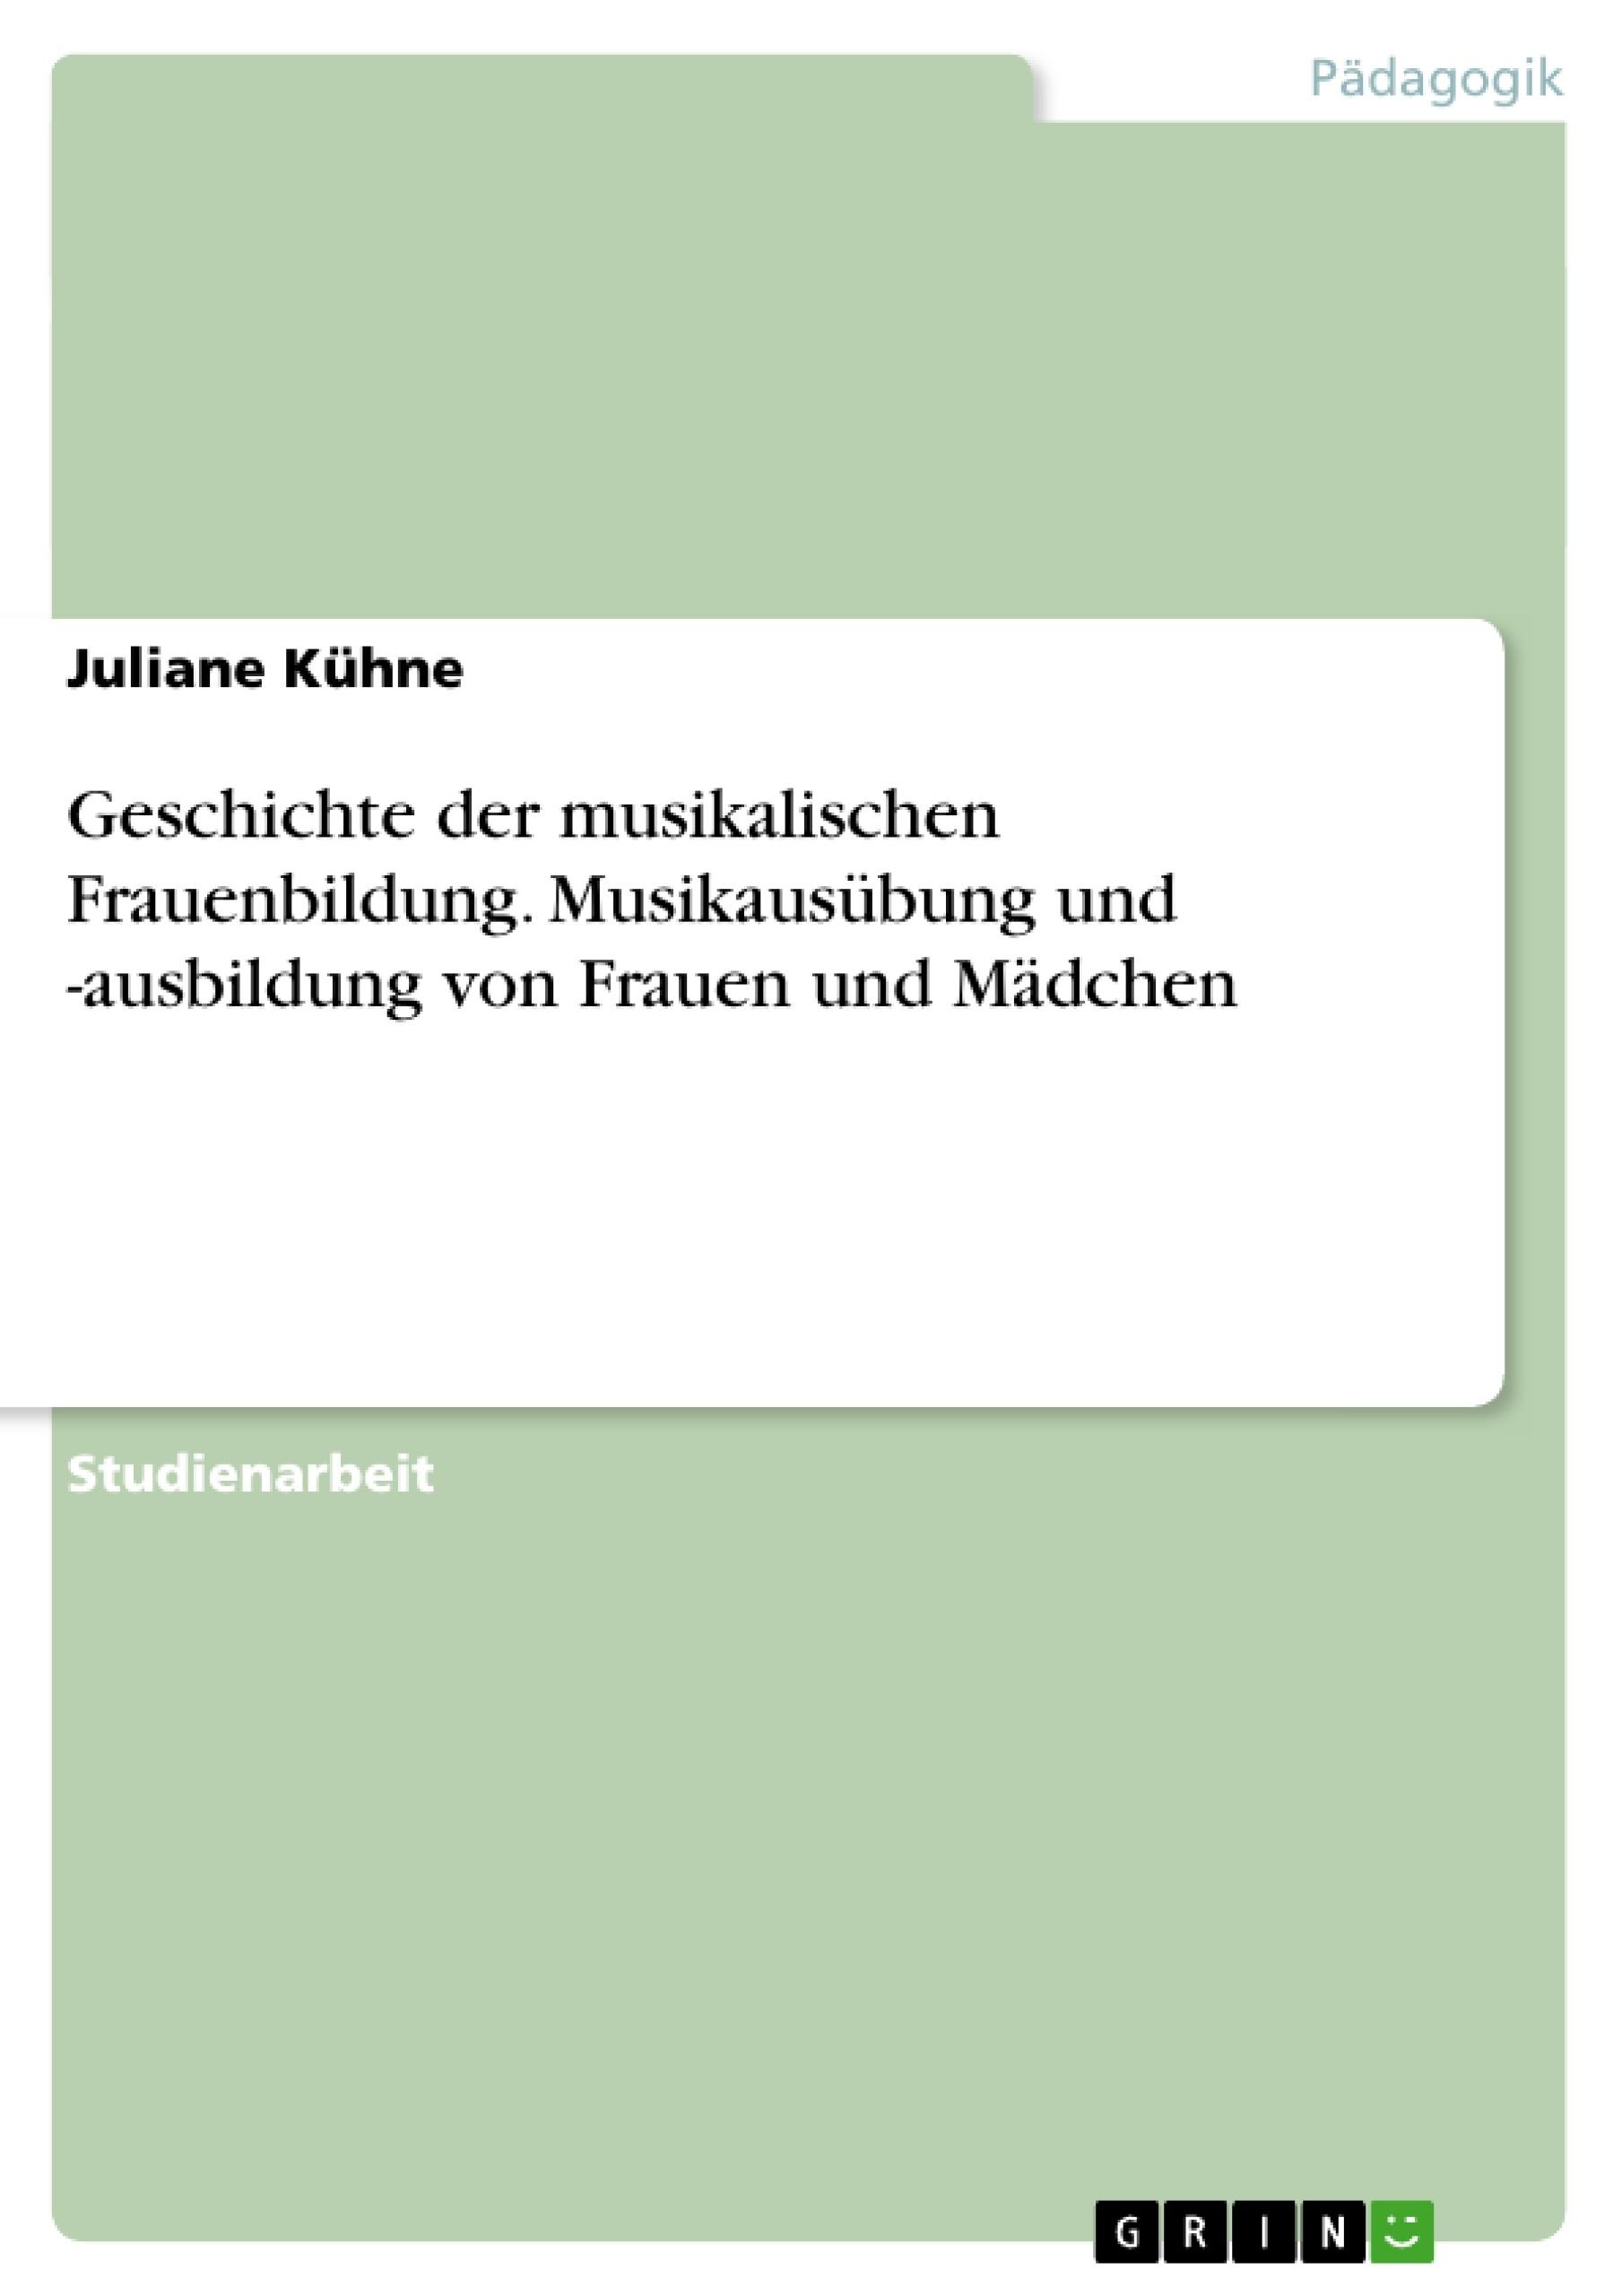 Titel: Geschichte der musikalischen Frauenbildung. Musikausübung und -ausbildung von Frauen und Mädchen